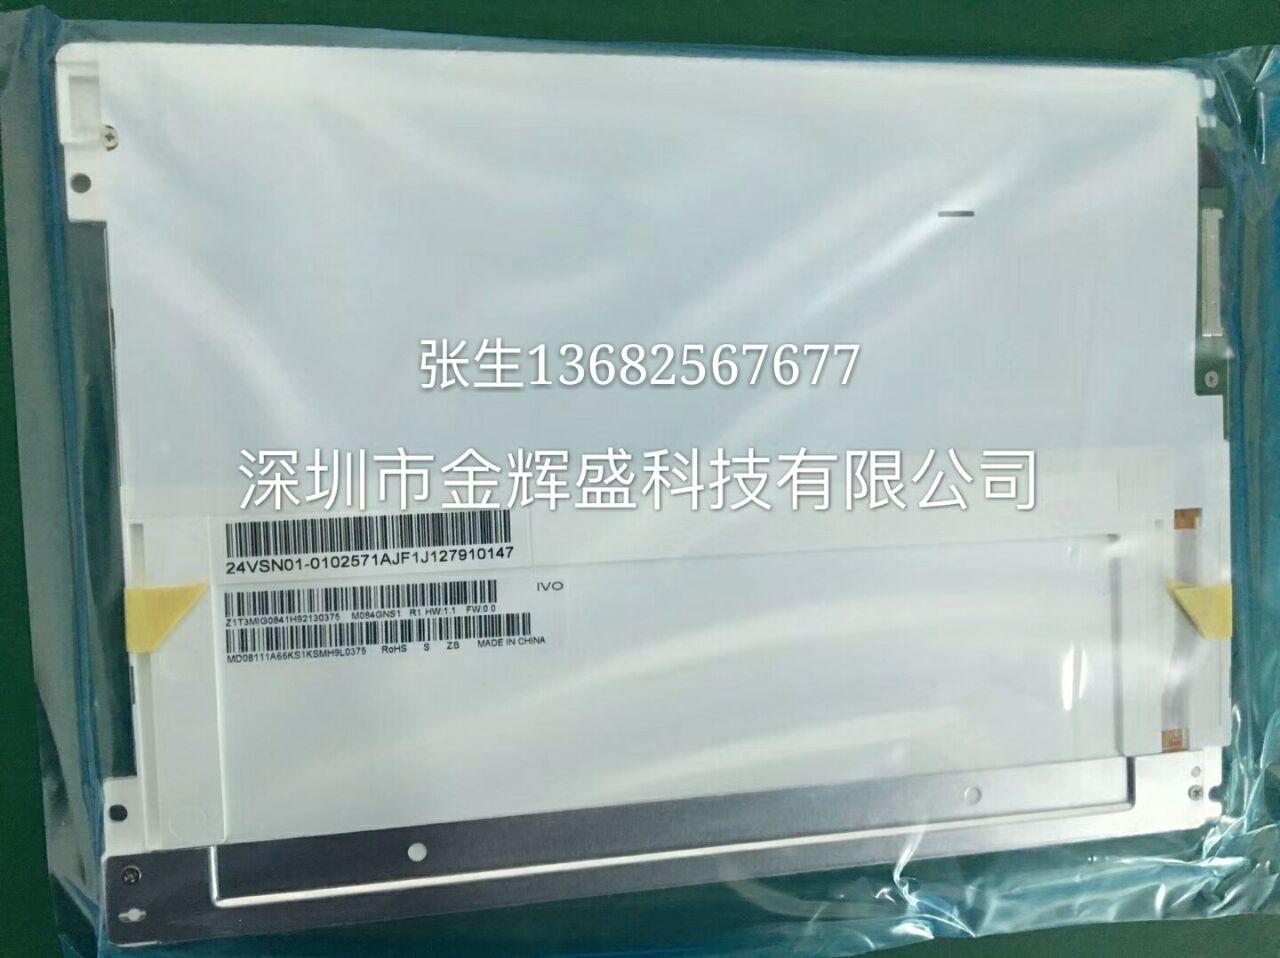 广东价格超值的NEC系列液晶屏供销-龙腾8.4寸